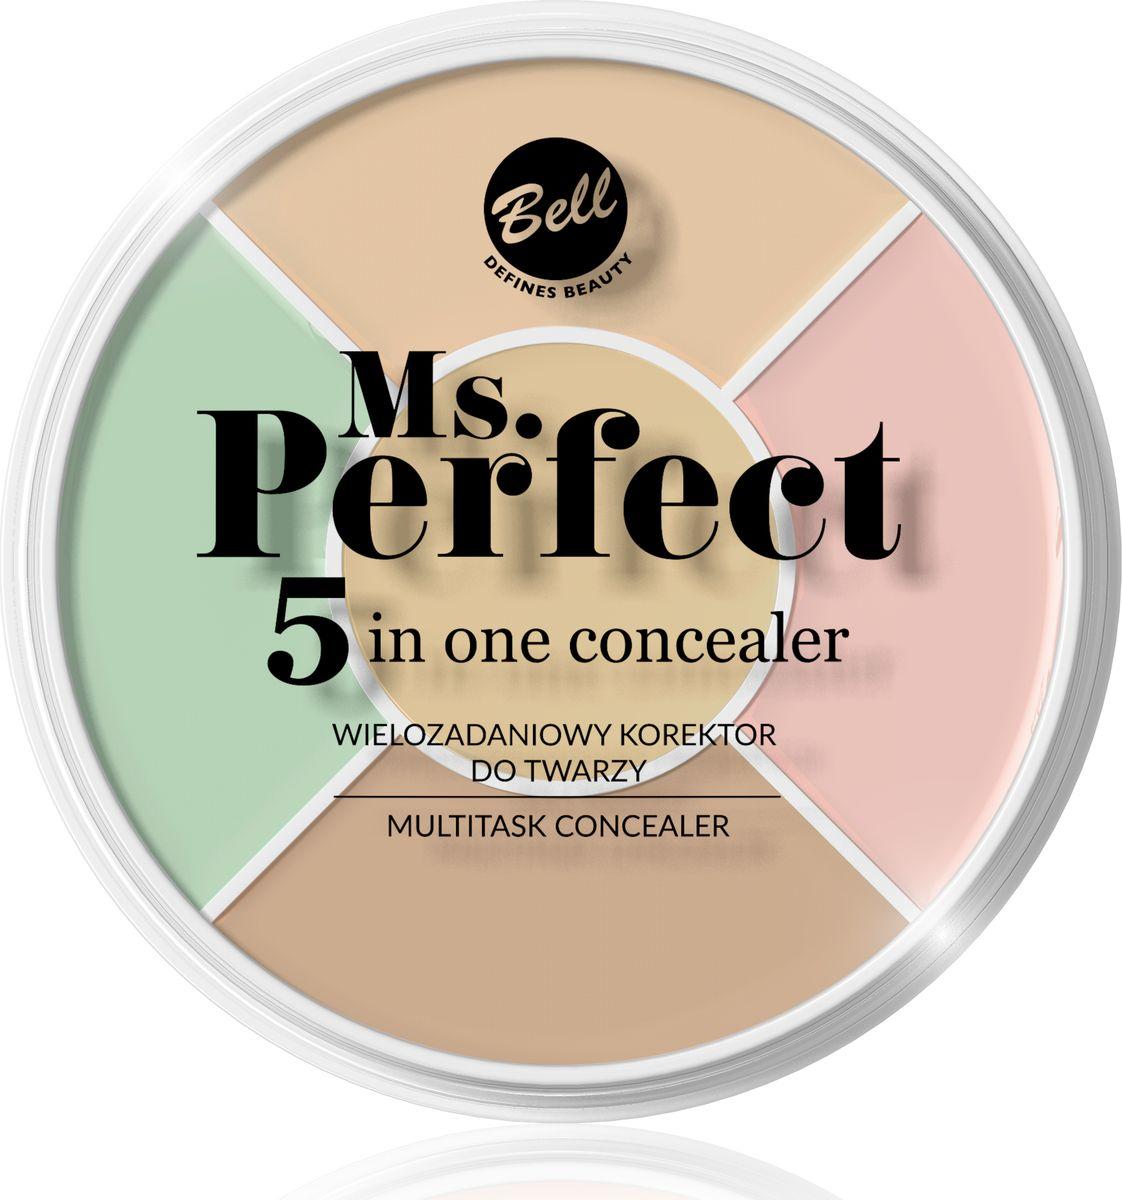 Bell Многофункциональный Корректор Для Лица Ms.perfect 5inone ConcealerBiko5P001Каждый из пяти цветов имеет другую функцию: Зеленый - скрывает покраснения и лопнувшие капилляры. Нанесите его в местах, склонных к раздражениям и покраснениям. Используйте под флюид. Розовый - осветляет, оптически разглаживает, придает эффект отдохнувших глаз. Нанесите в местах, где кожа выглядит серой и уставшей. Если у вас светлая кожа, можете скрыть ним синяки под глазами. Используйте под флюид. Бежевые оттенки - скрывают несовершенства кожи. Можете его использовать как под флюид, так и после его нанесения, если хотите получить более сильный кроющий эффект. Чтобы подобрать цвет к оттенку кожи, можете смешивать их между собой. Желтый - интенсивно осветляет и скрывает синяки под глазами. Можете также использовать его в местах, где кожа синего или фиолетового оттенка.